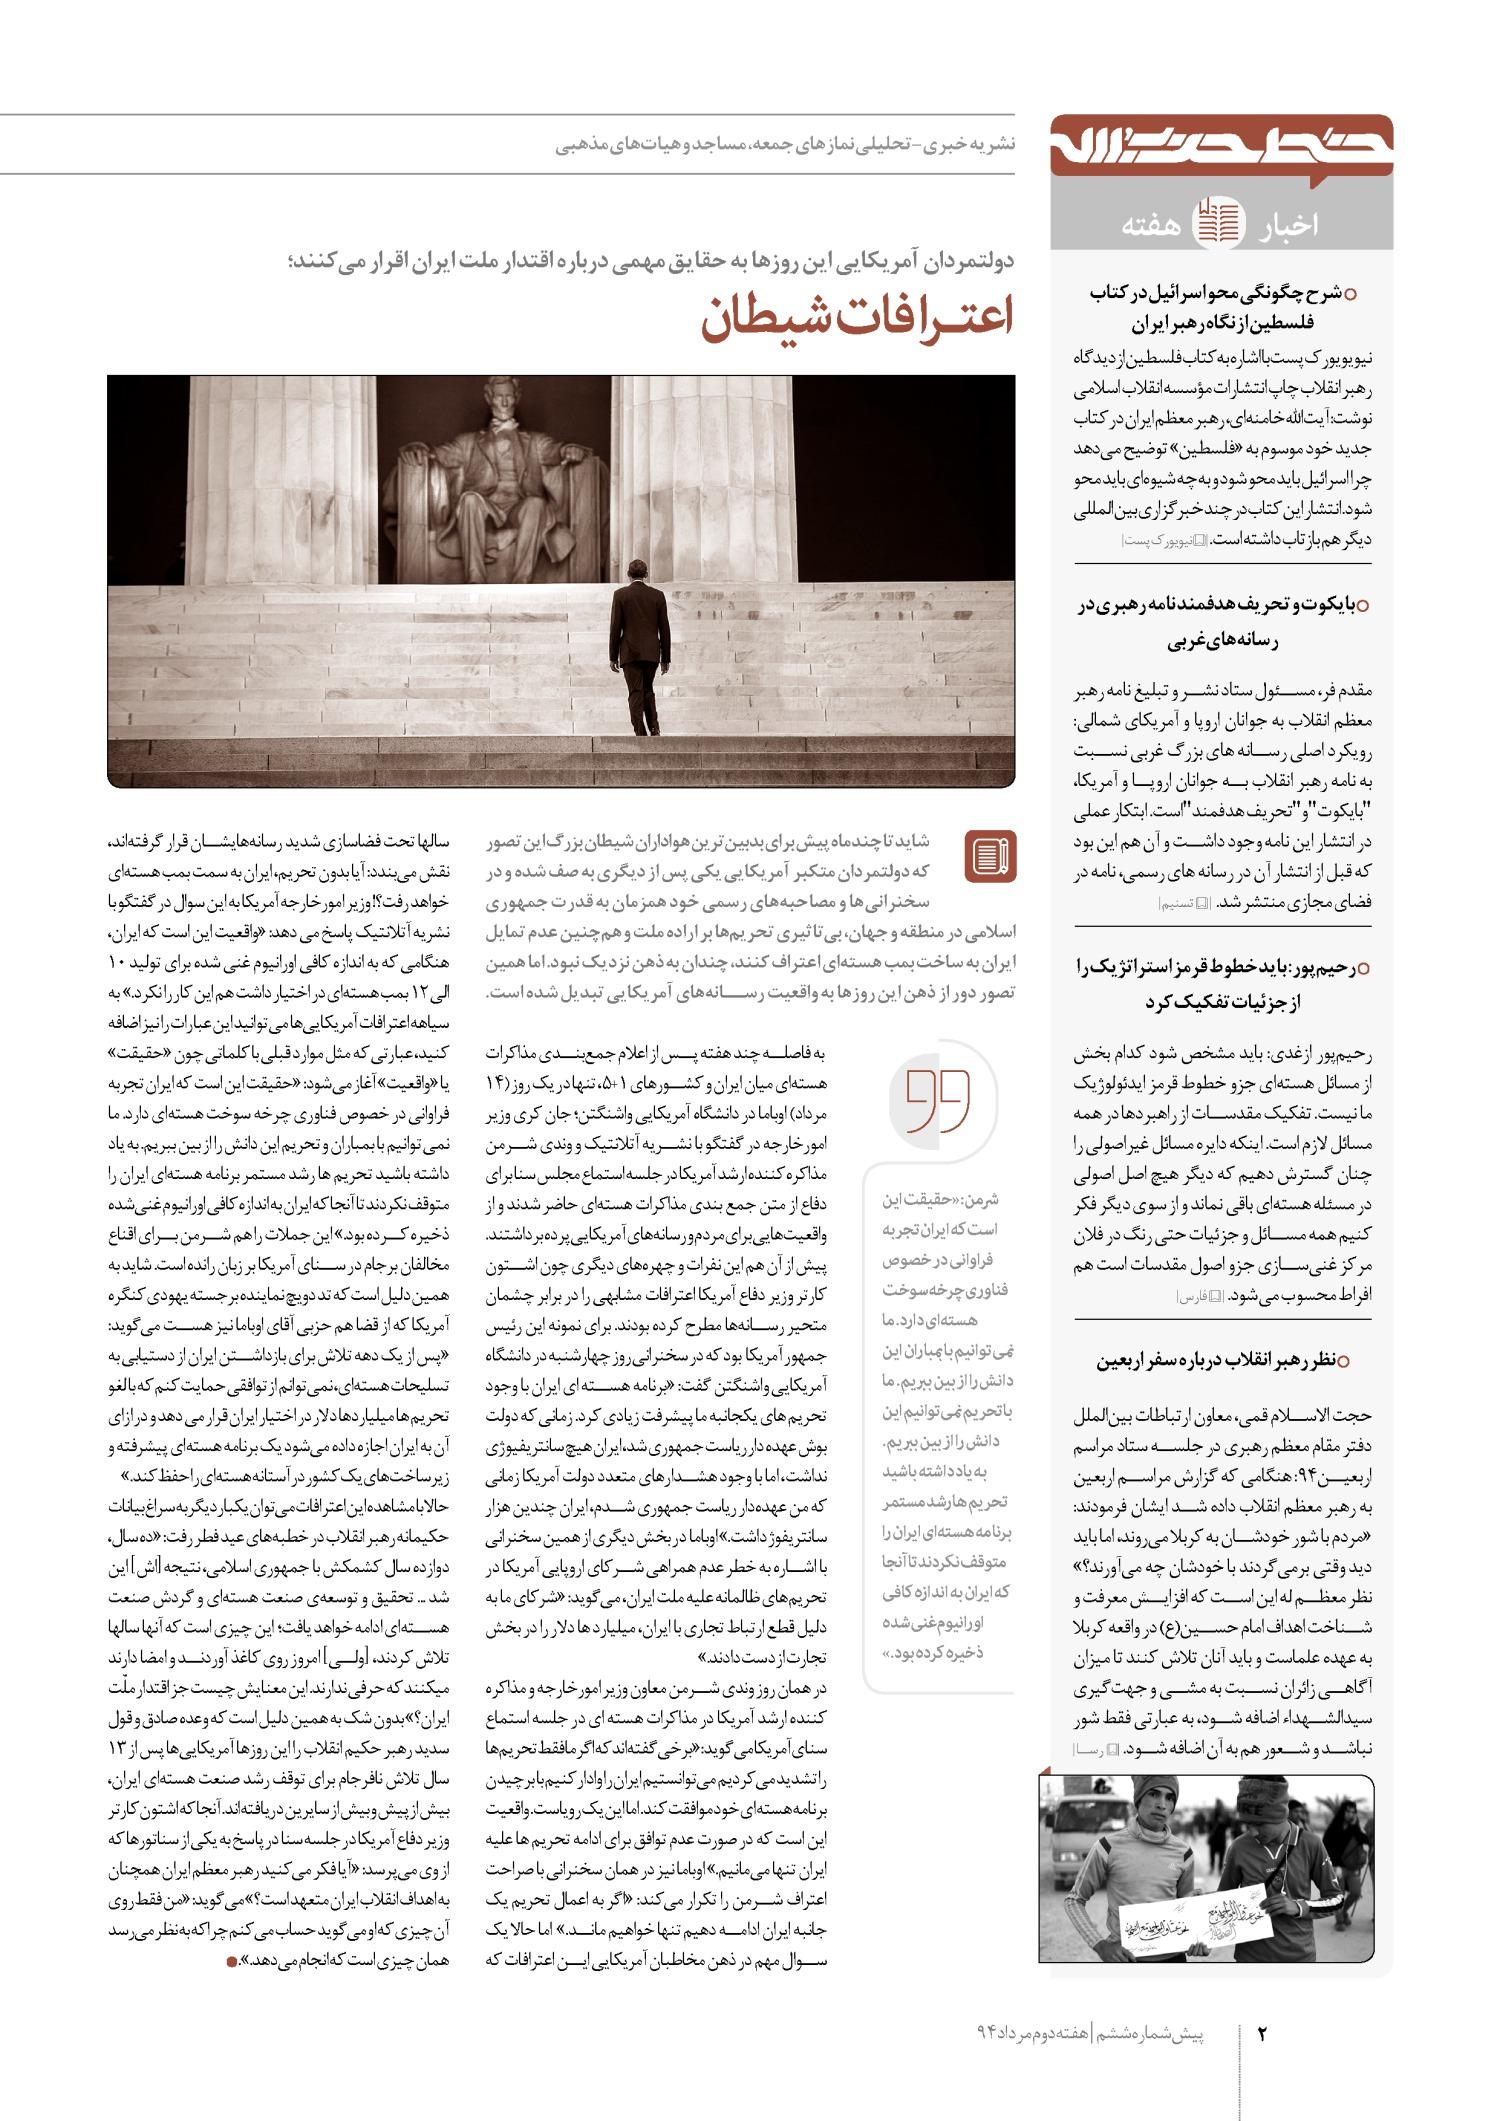 خط حزب الله -پیششماره ششم خط حزب الله -پیششماره ششم page large 21